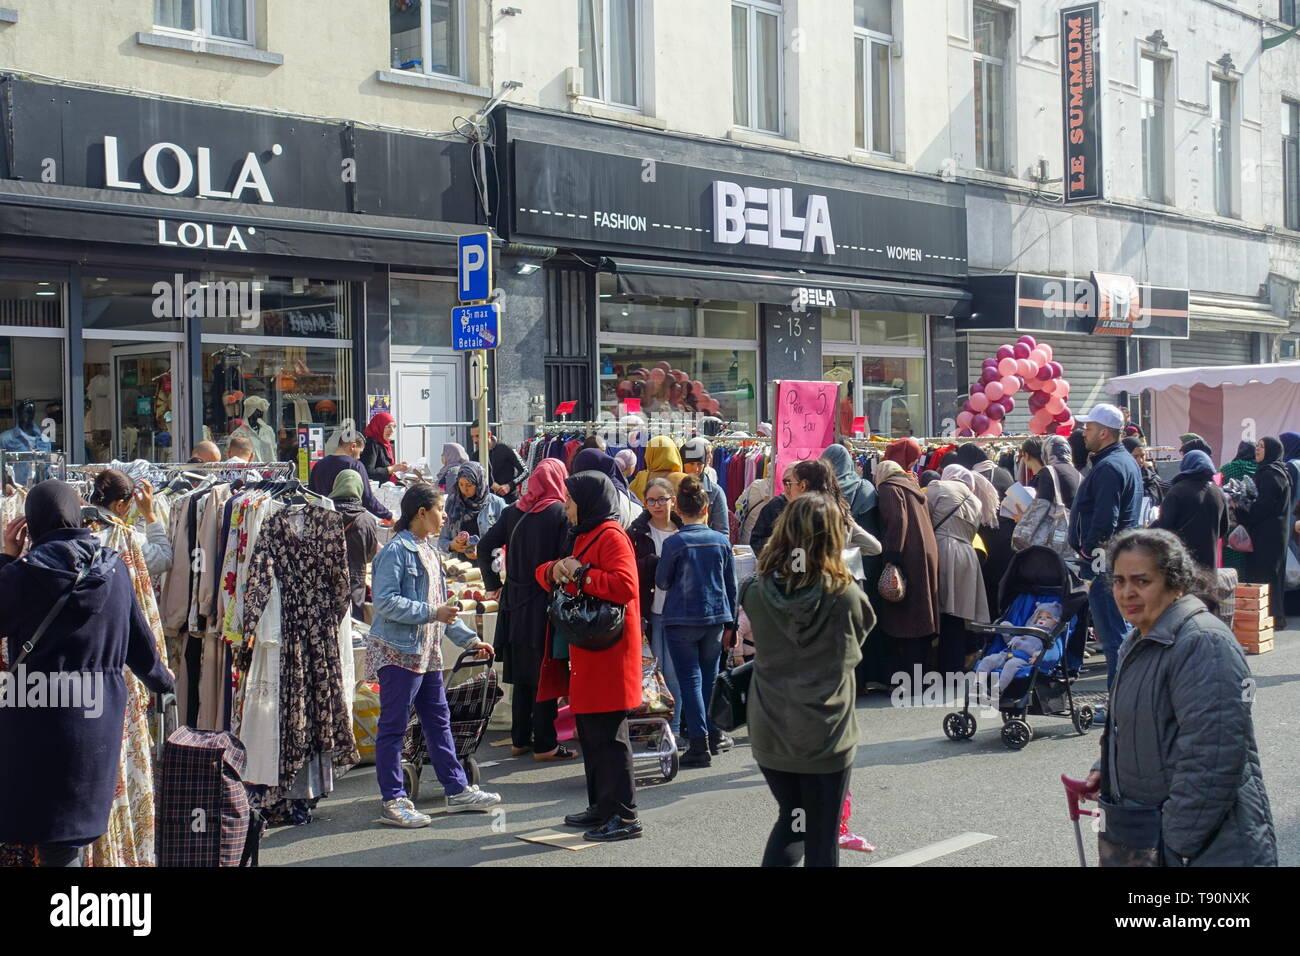 Brüssel, Bruxelles, Molenbeek-Saint-Jean/Sint-Jans-Molenbeek; Die Bevölkerung von Molenbeek hat einen hohen Anteil vor allem von Einwanderern, von den - Stock Image